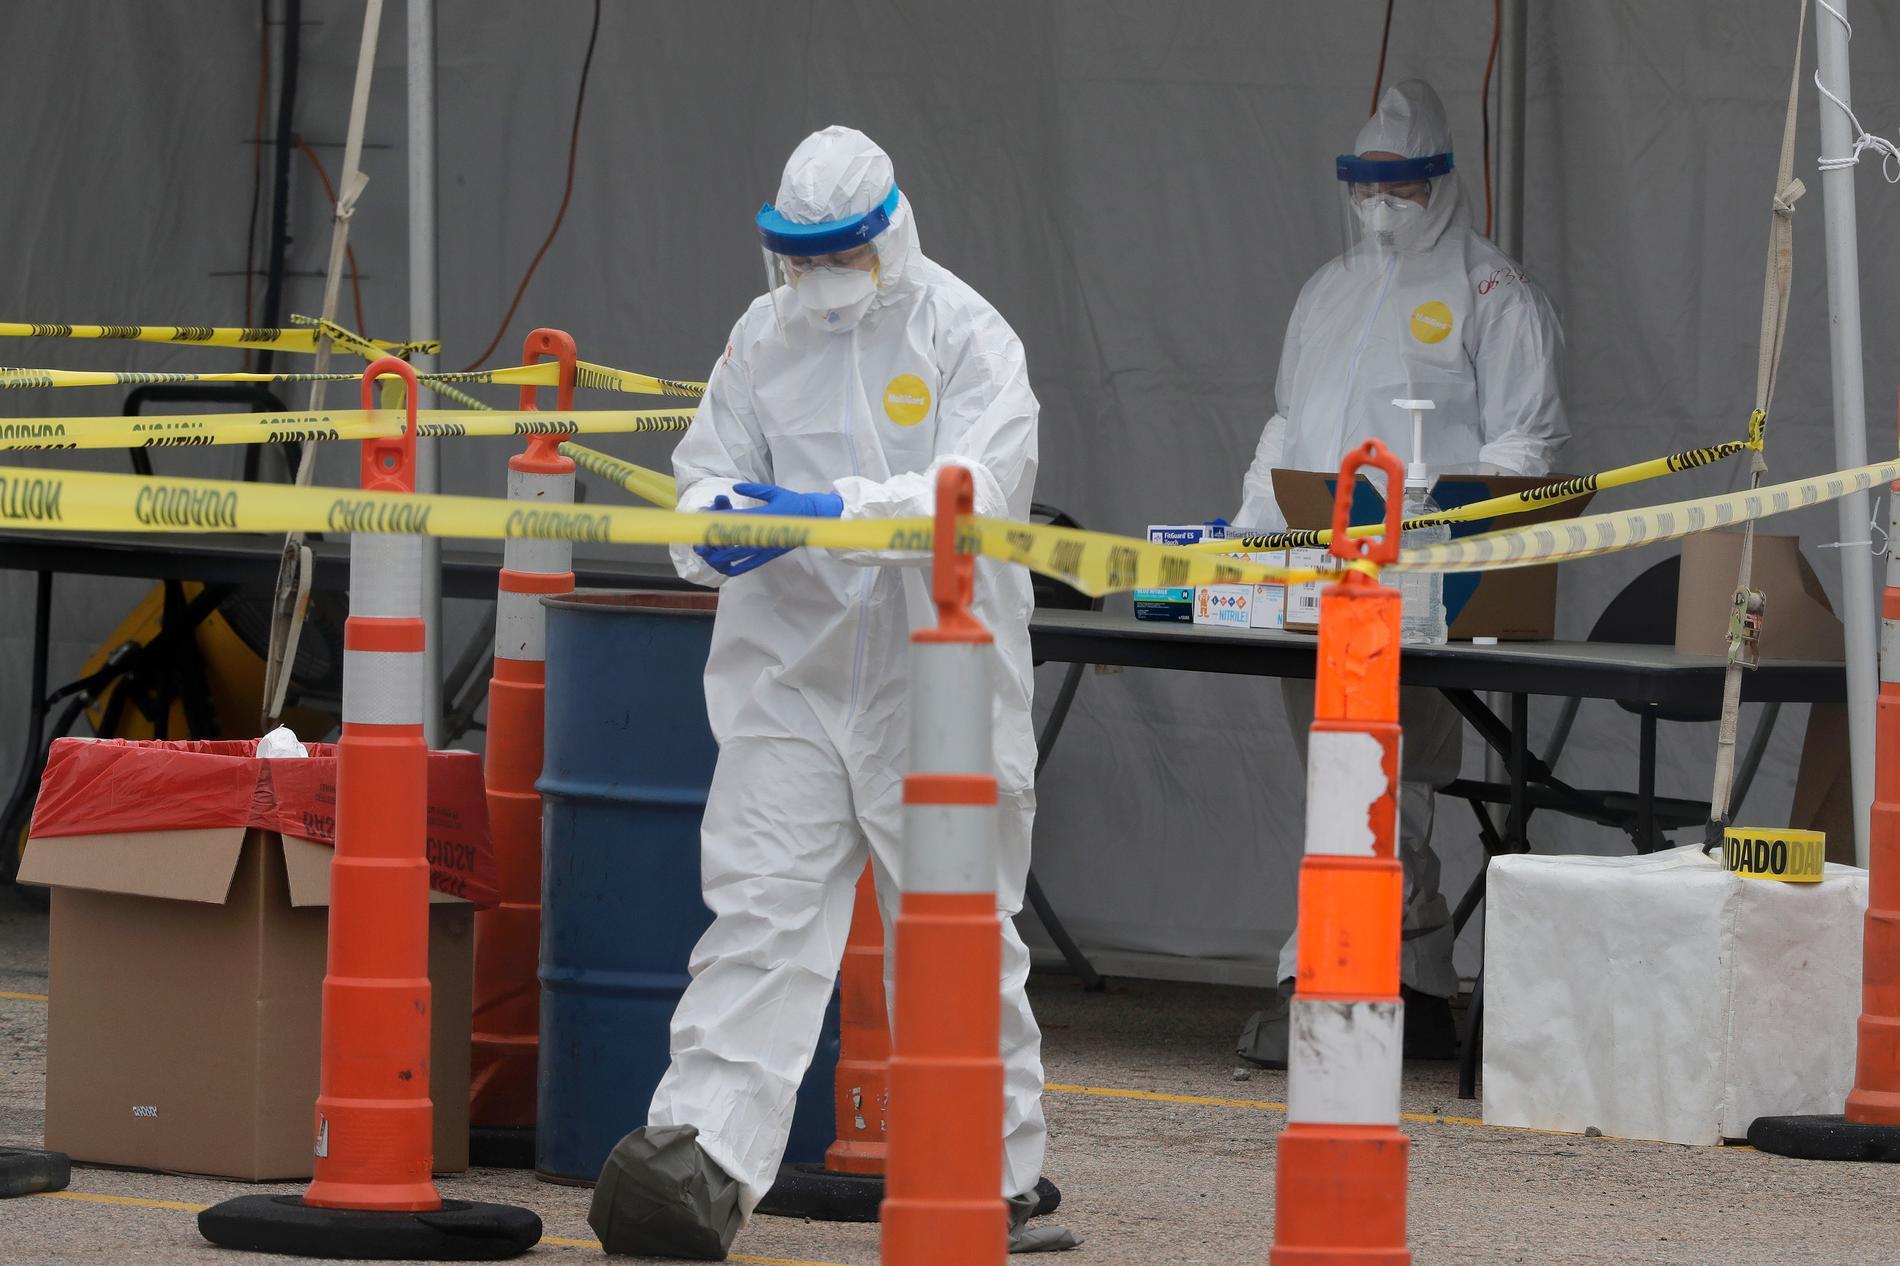 Dödstalet i coronapandemin har stigit till över 10000 i USA.